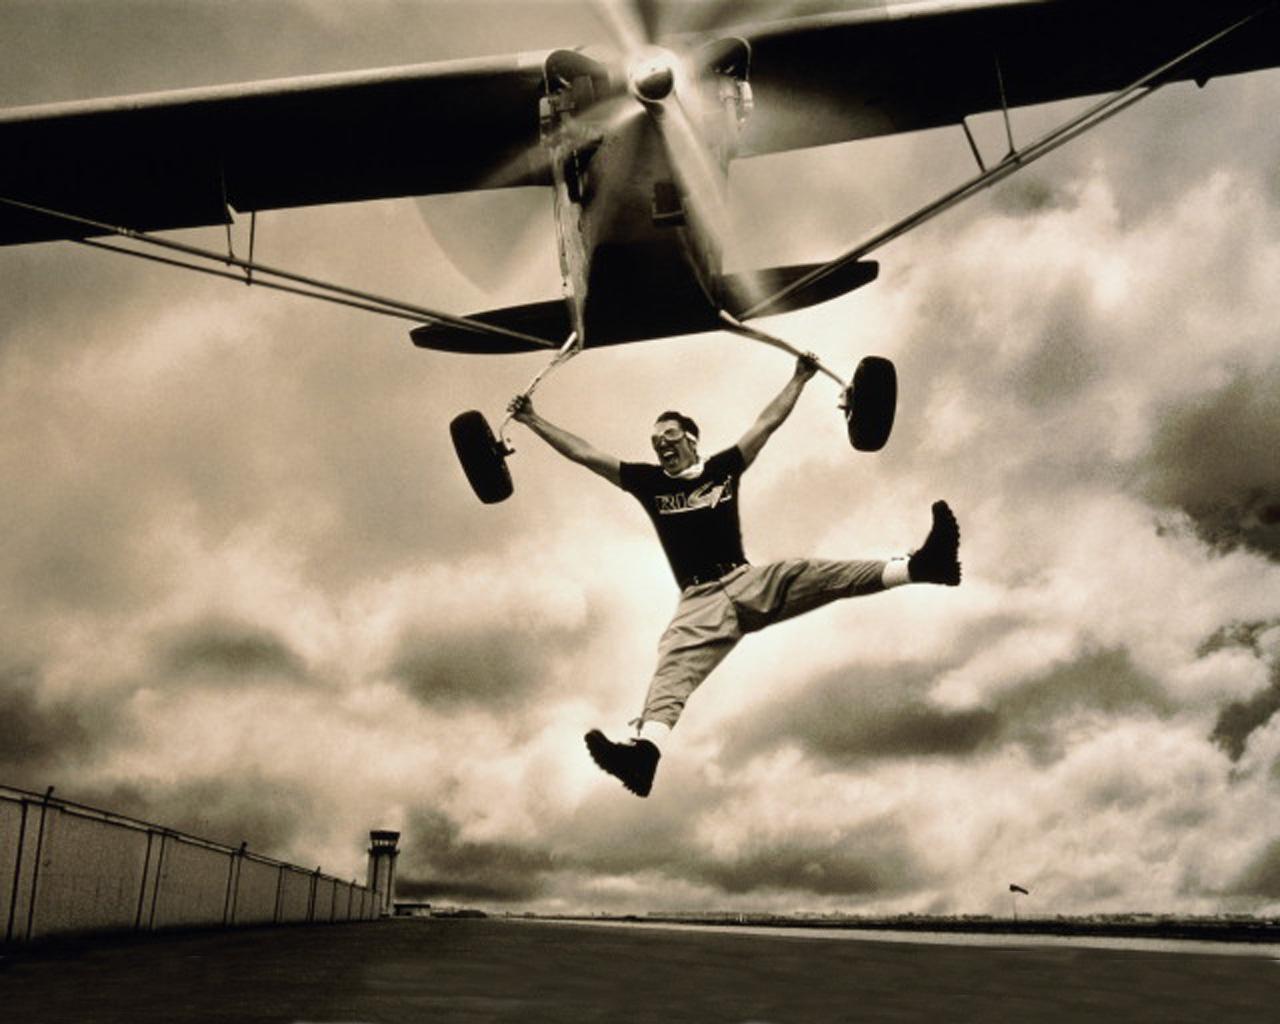 поздравить летчика с днем рождения прикольно